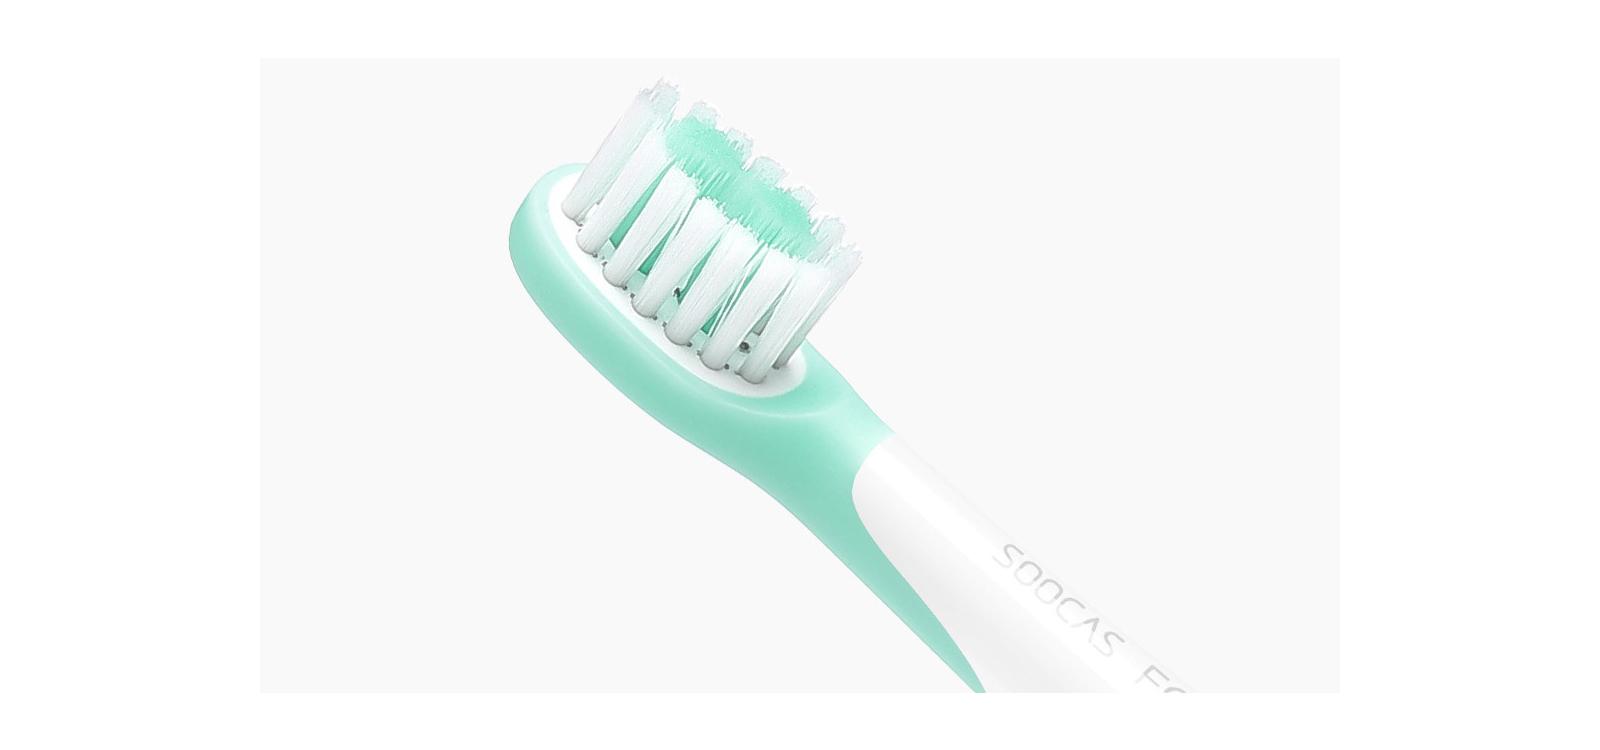 Photo - Сменные насадки для зубной щетки Xiaomi Soocas Сhildrens Electric ToothBrush C1